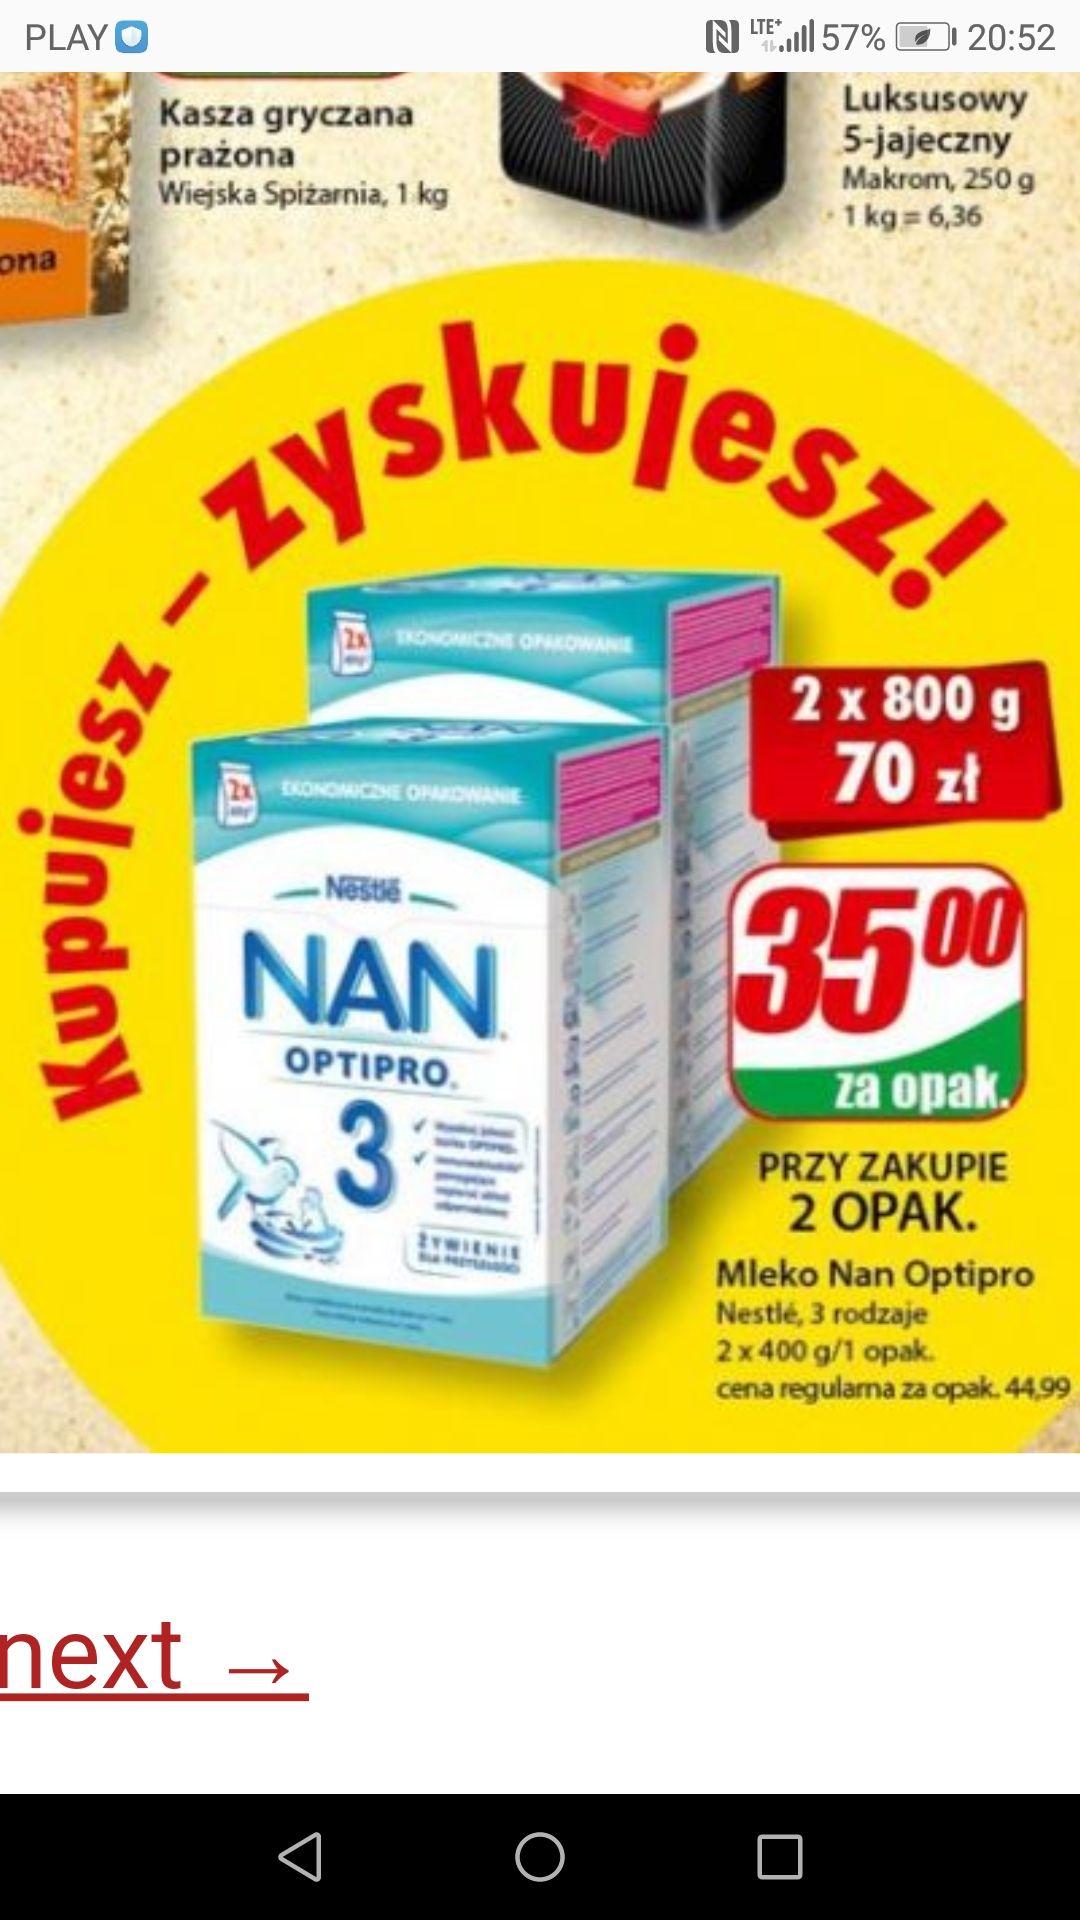 Mleko NAN Optipro 2, 3, 4 przy zakupie dwóch opakowań (2x800g) DINO